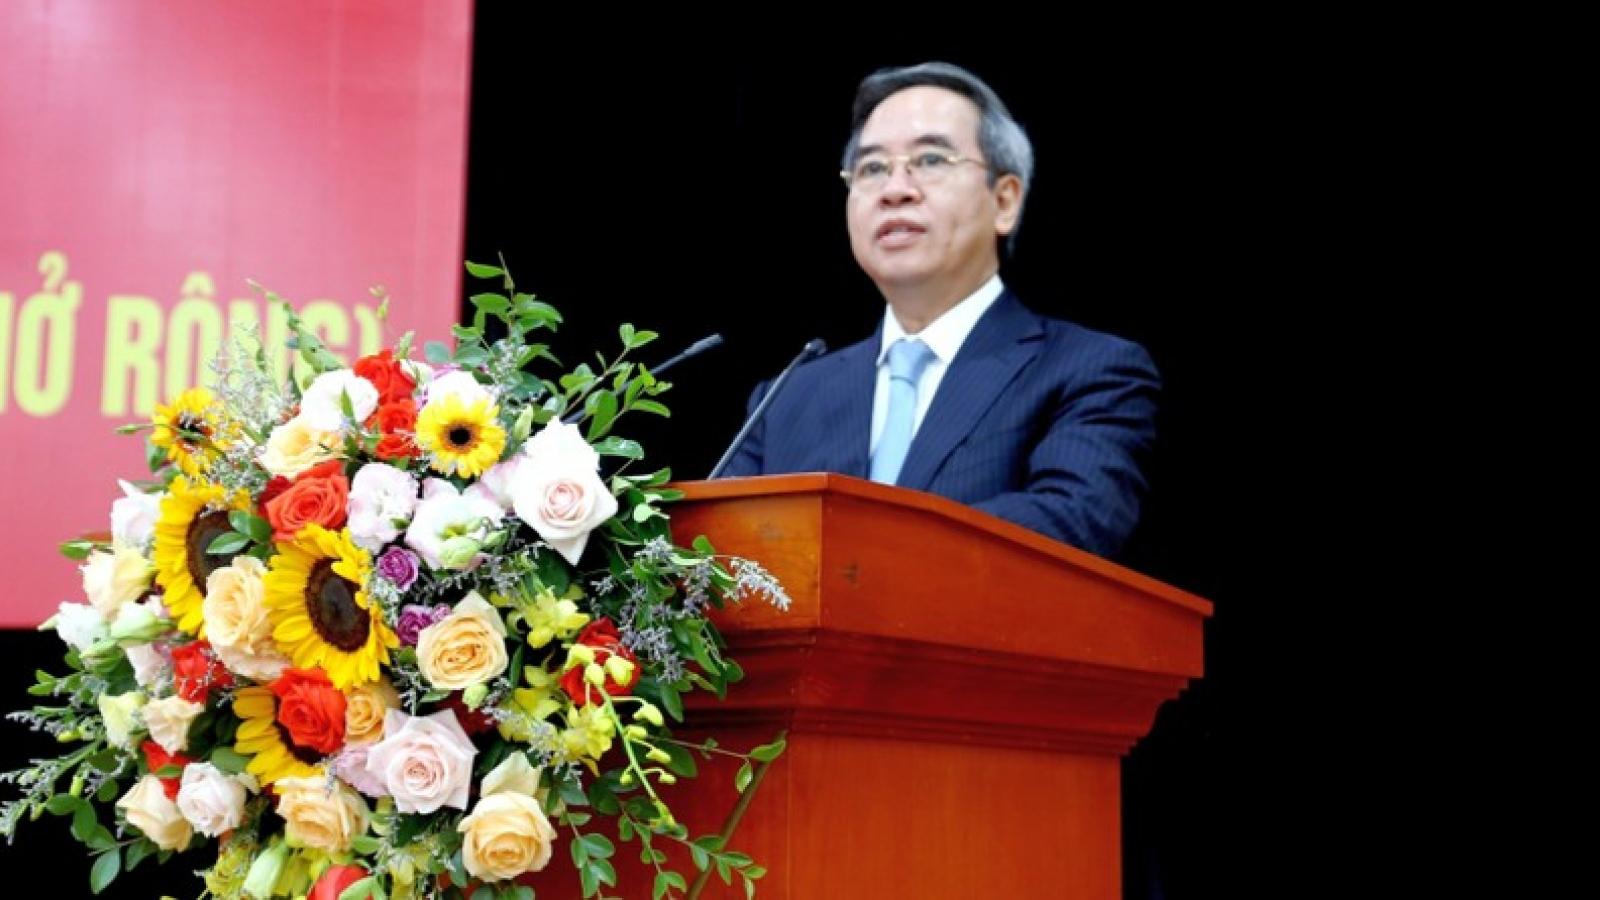 Ông Nguyễn Văn Bình dự Hội nghị sơ kết Đảng ủy Khối Doanh nghiệp TƯ